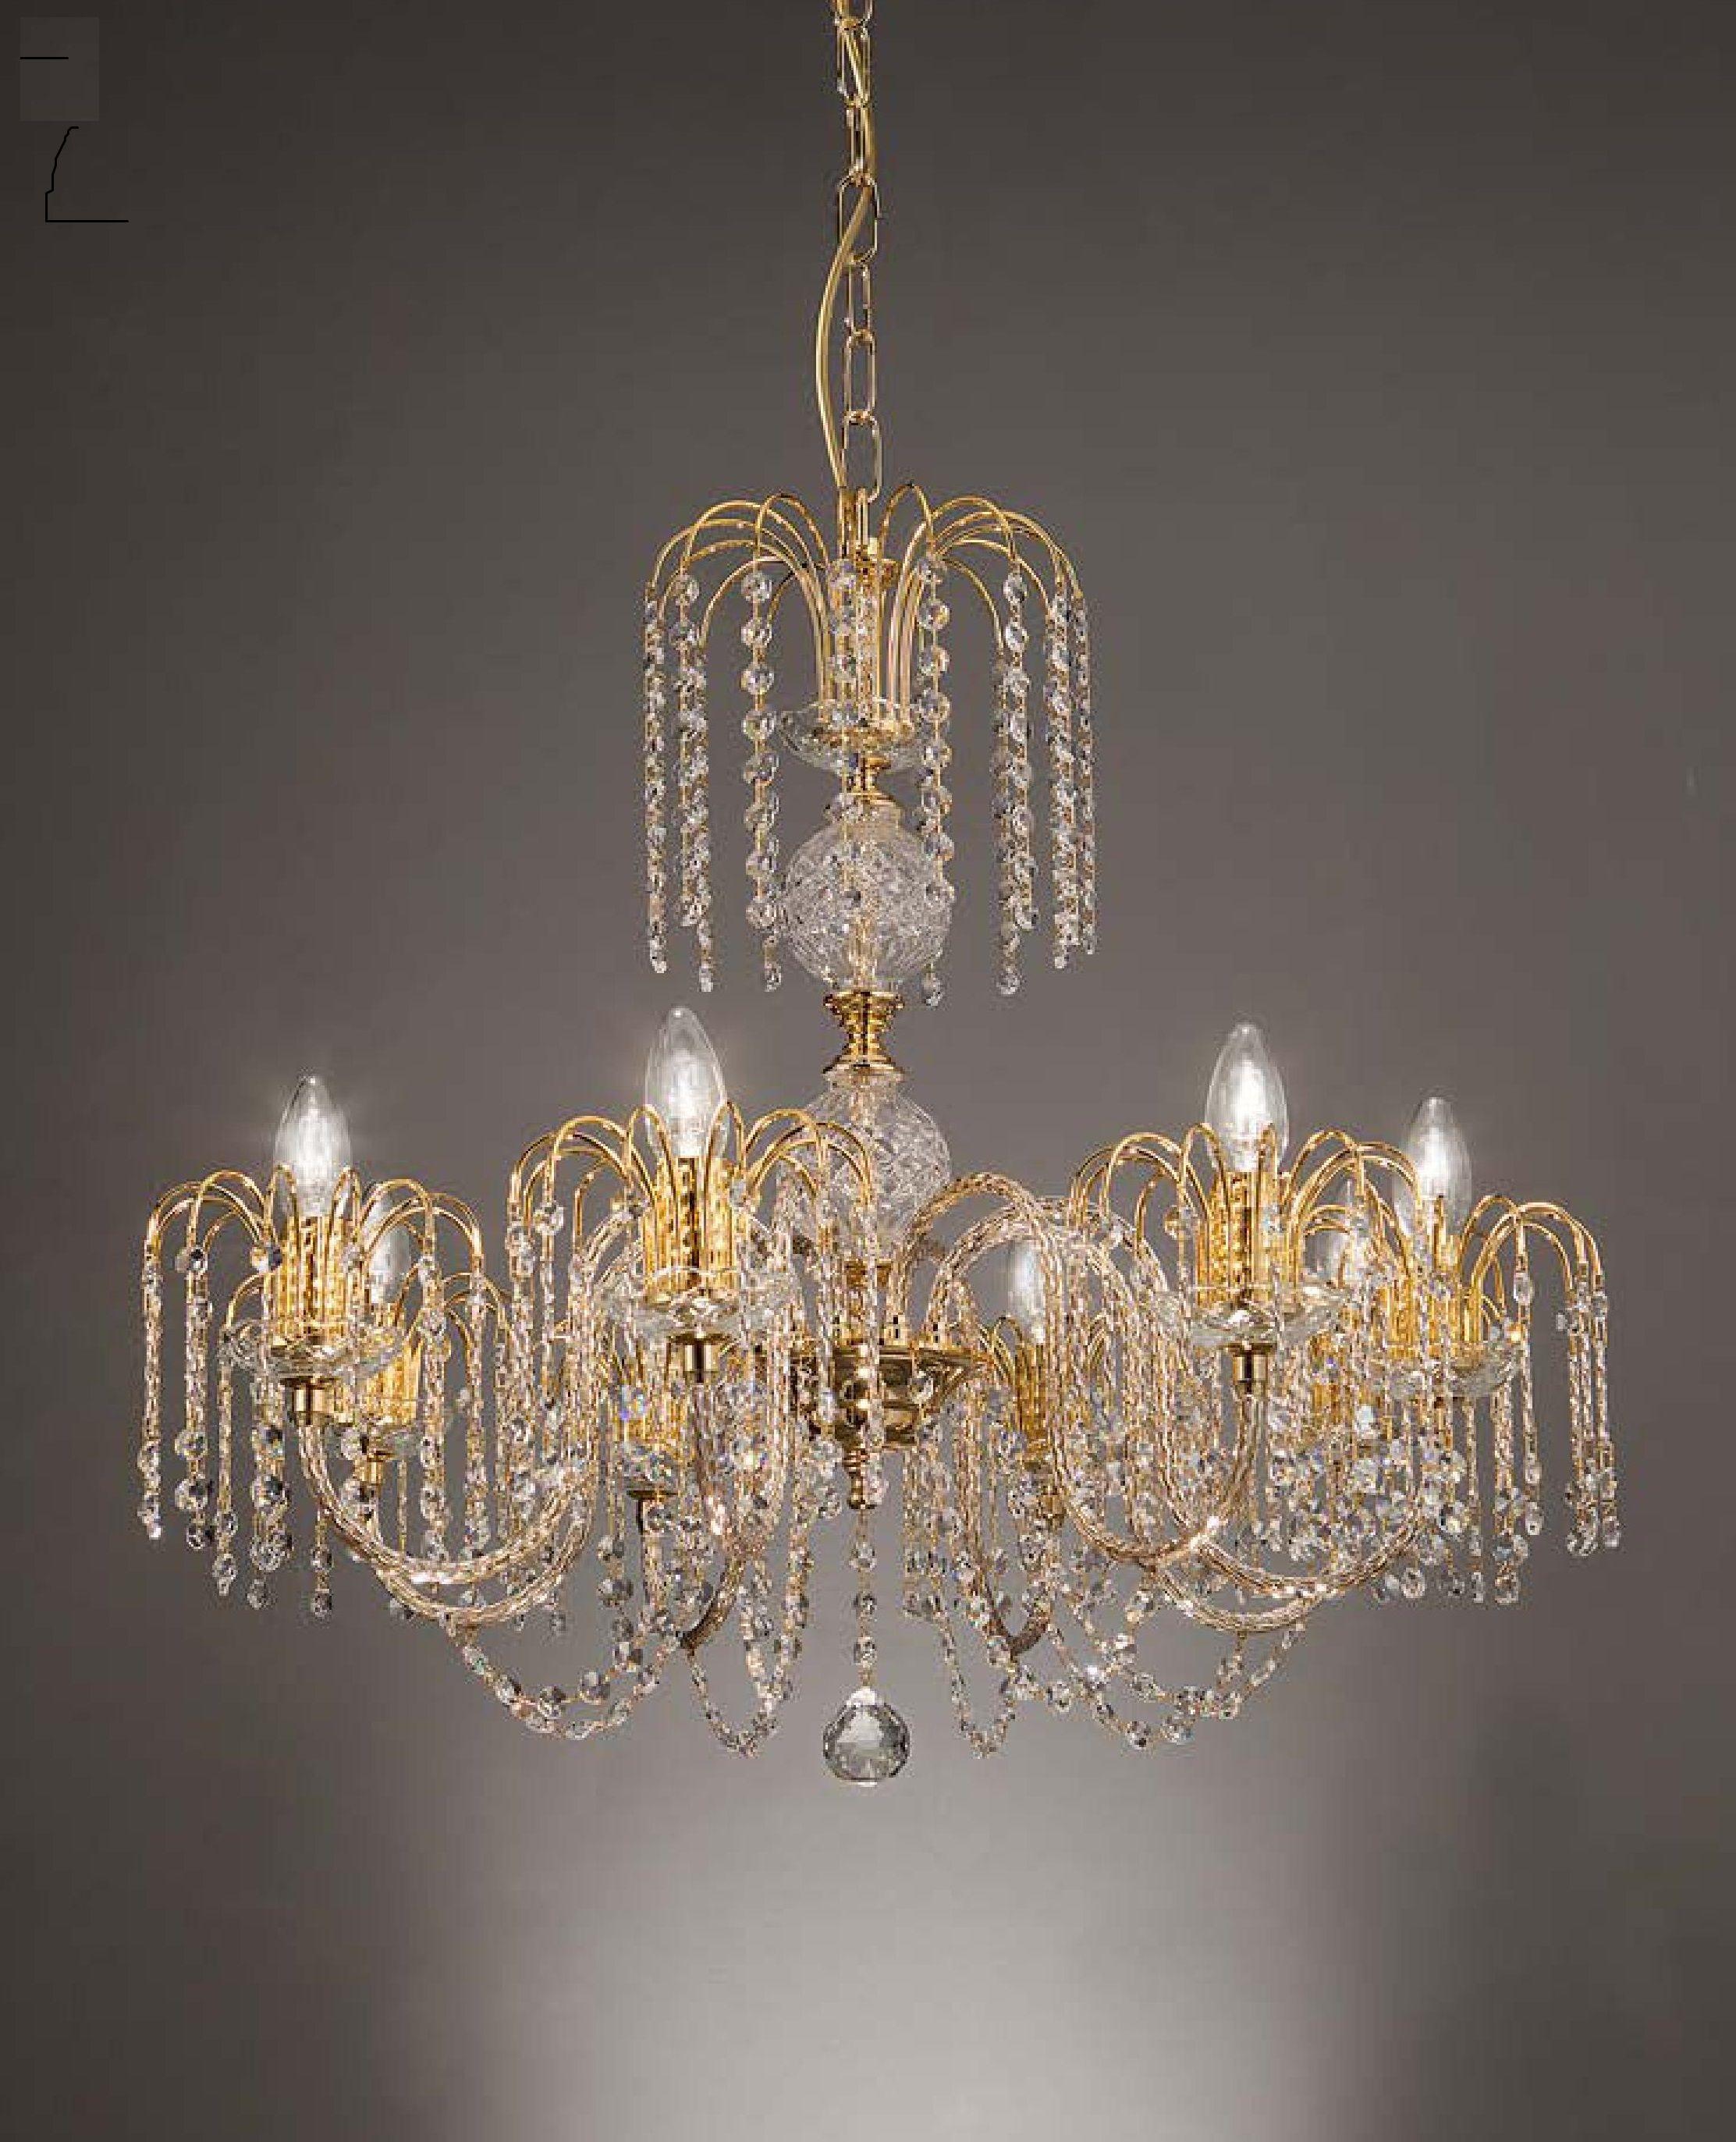 Lampadario 8 luci in metallo dorato 24 kt, con componenti in ...